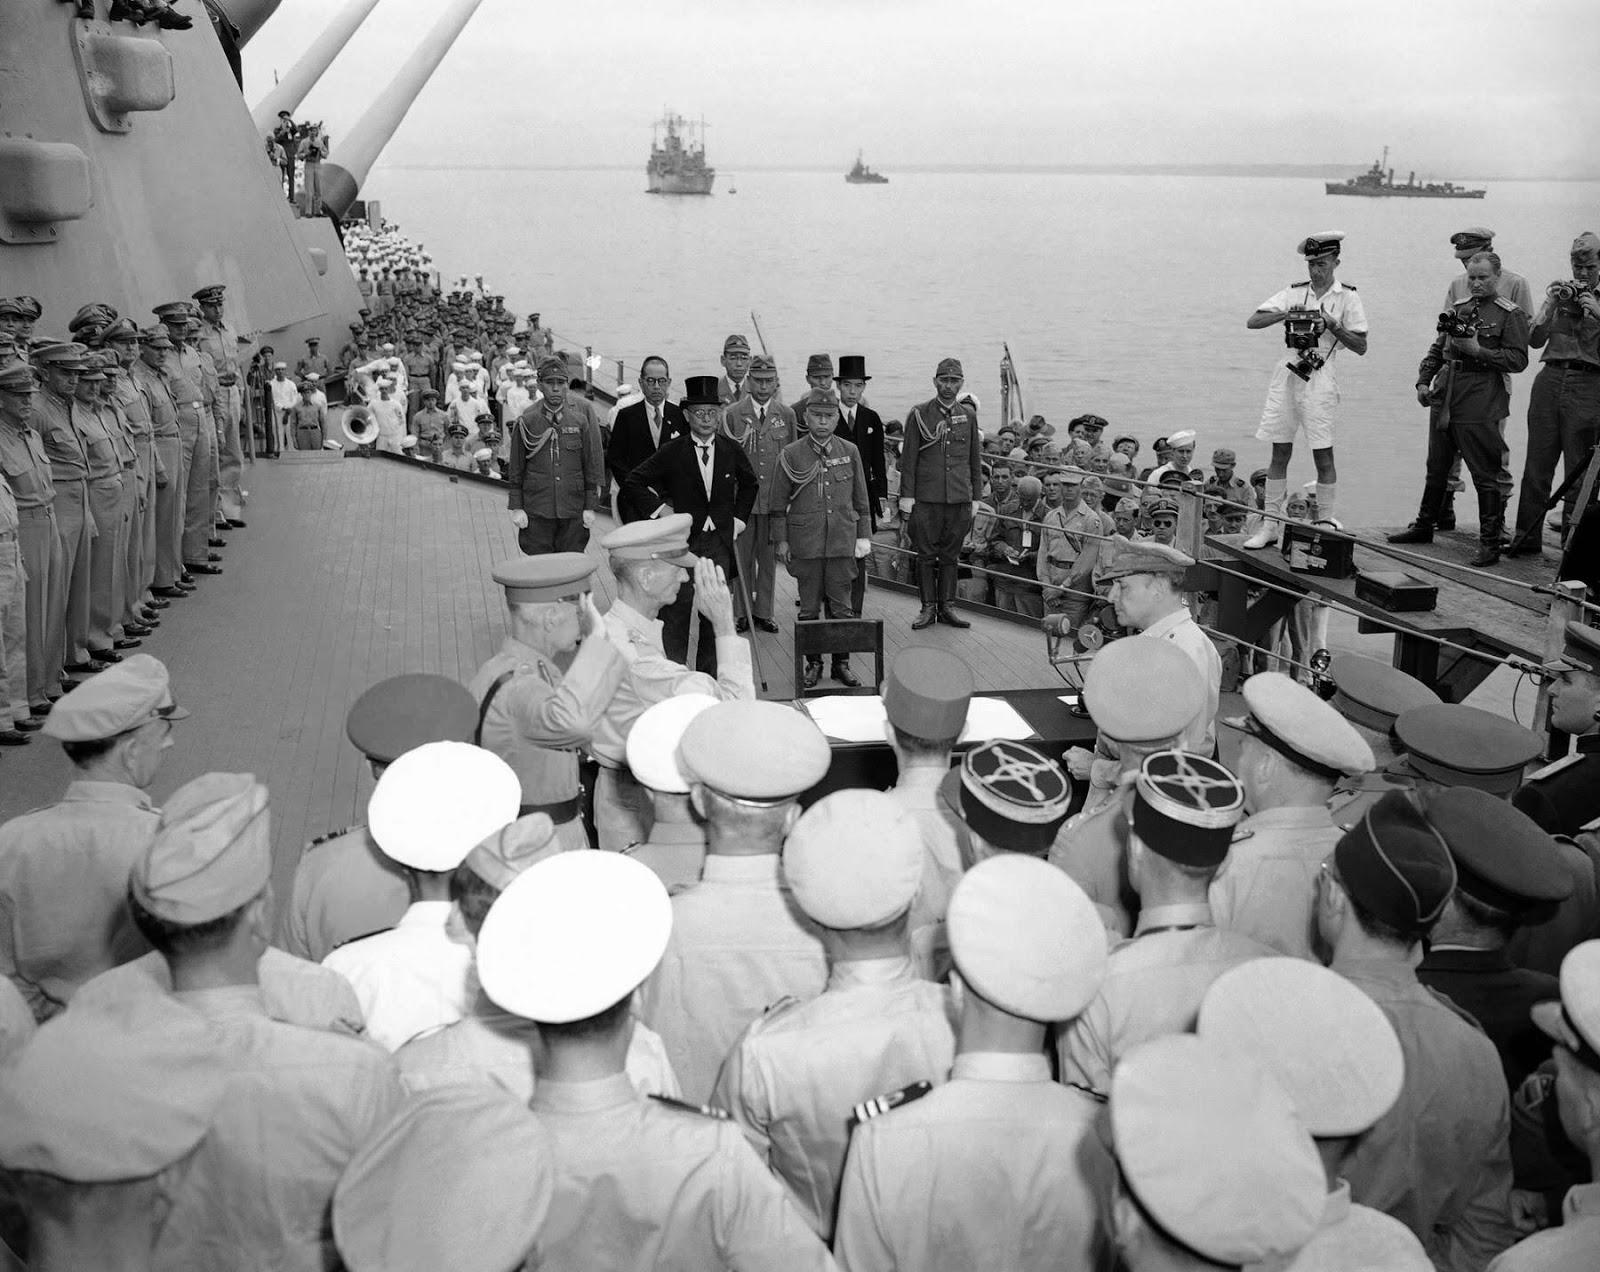 Tướng Umezu, Tổng Tham mưu trưởng quân đội Nhật ký văn kiện đầu hàng quân Đồng Minh vô điều kiện trên chiến hạm USS Missouri, ngày 02-09-1945.